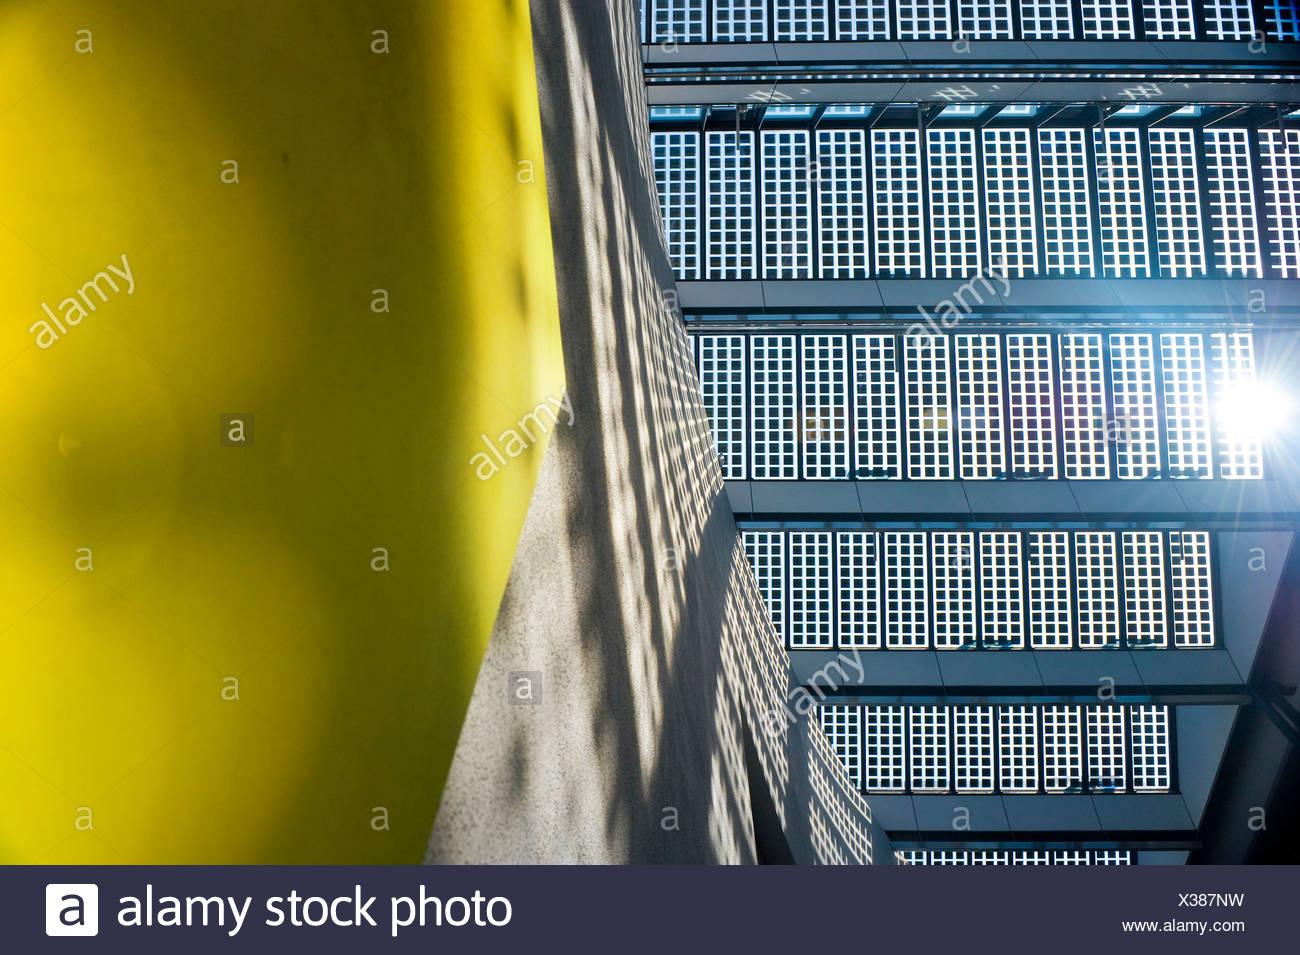 Gli impianti solari su un tetto, visto da sotto Immagini Stock